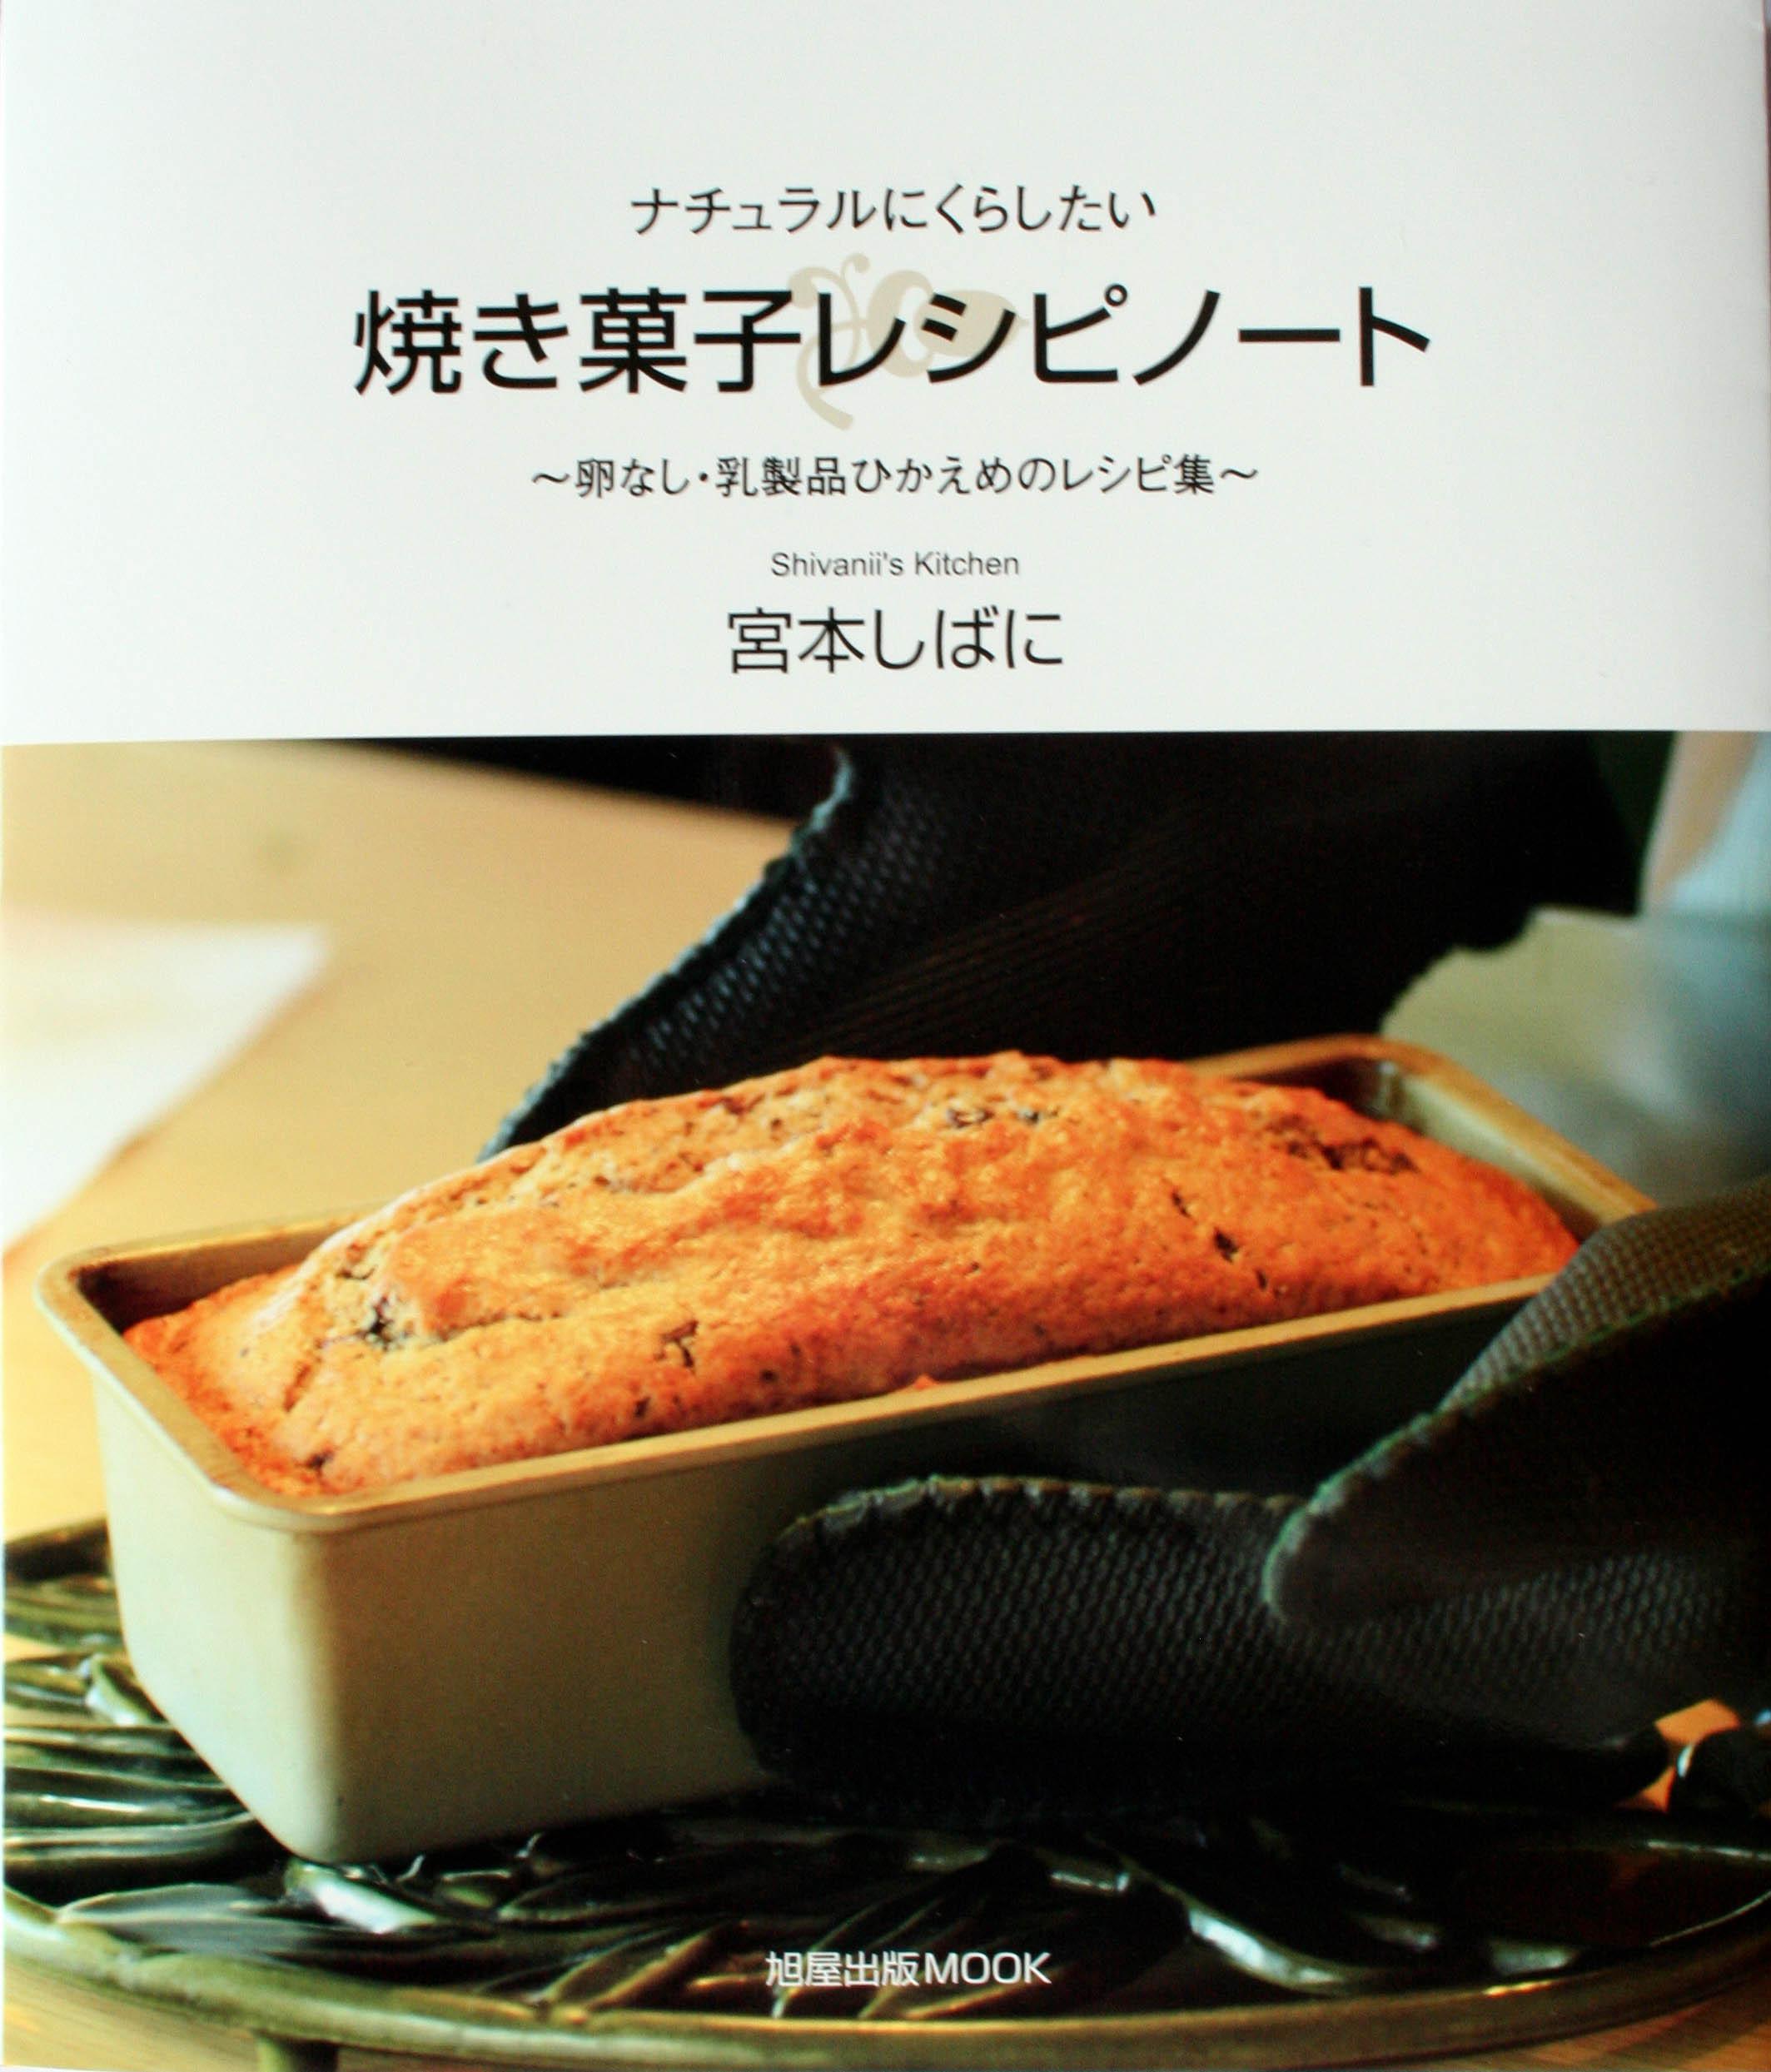 店主の著書1「焼き菓子レシピノート」